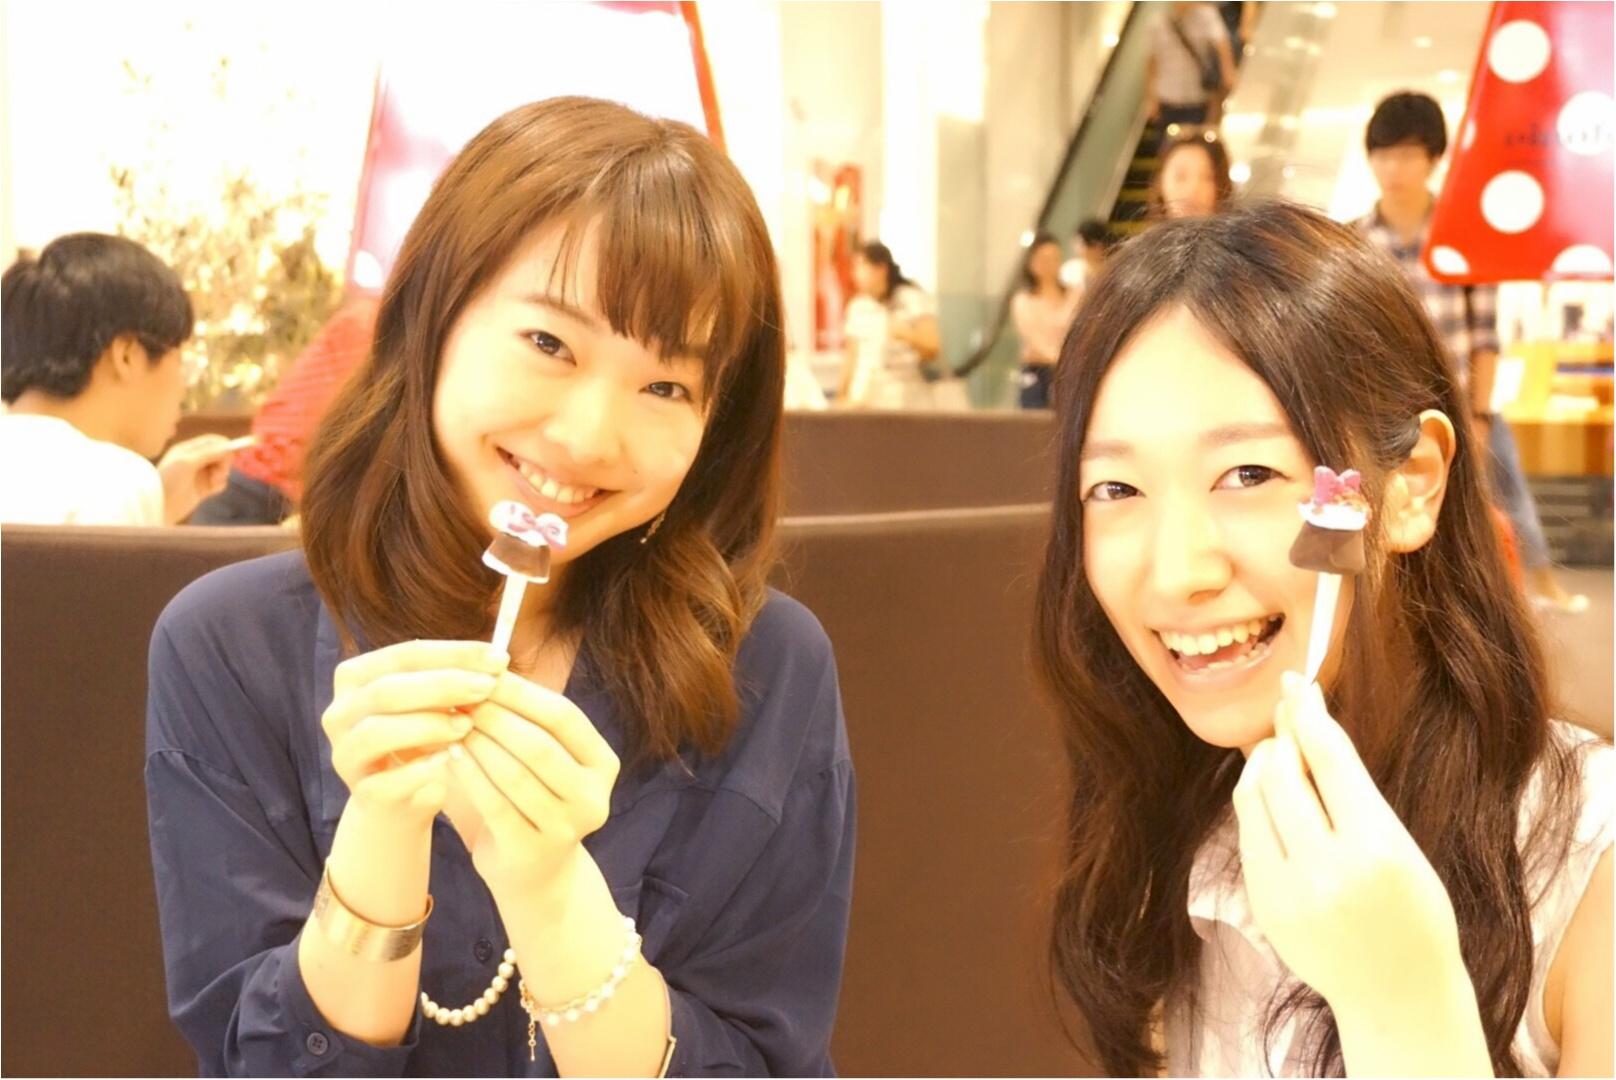 アイスの『pino』がつくった【ピノフォンデュカフェ】今年も東急プラザ表参道原宿3Fにオープン!大阪も今週末オープン✨≪samenyan≫_15